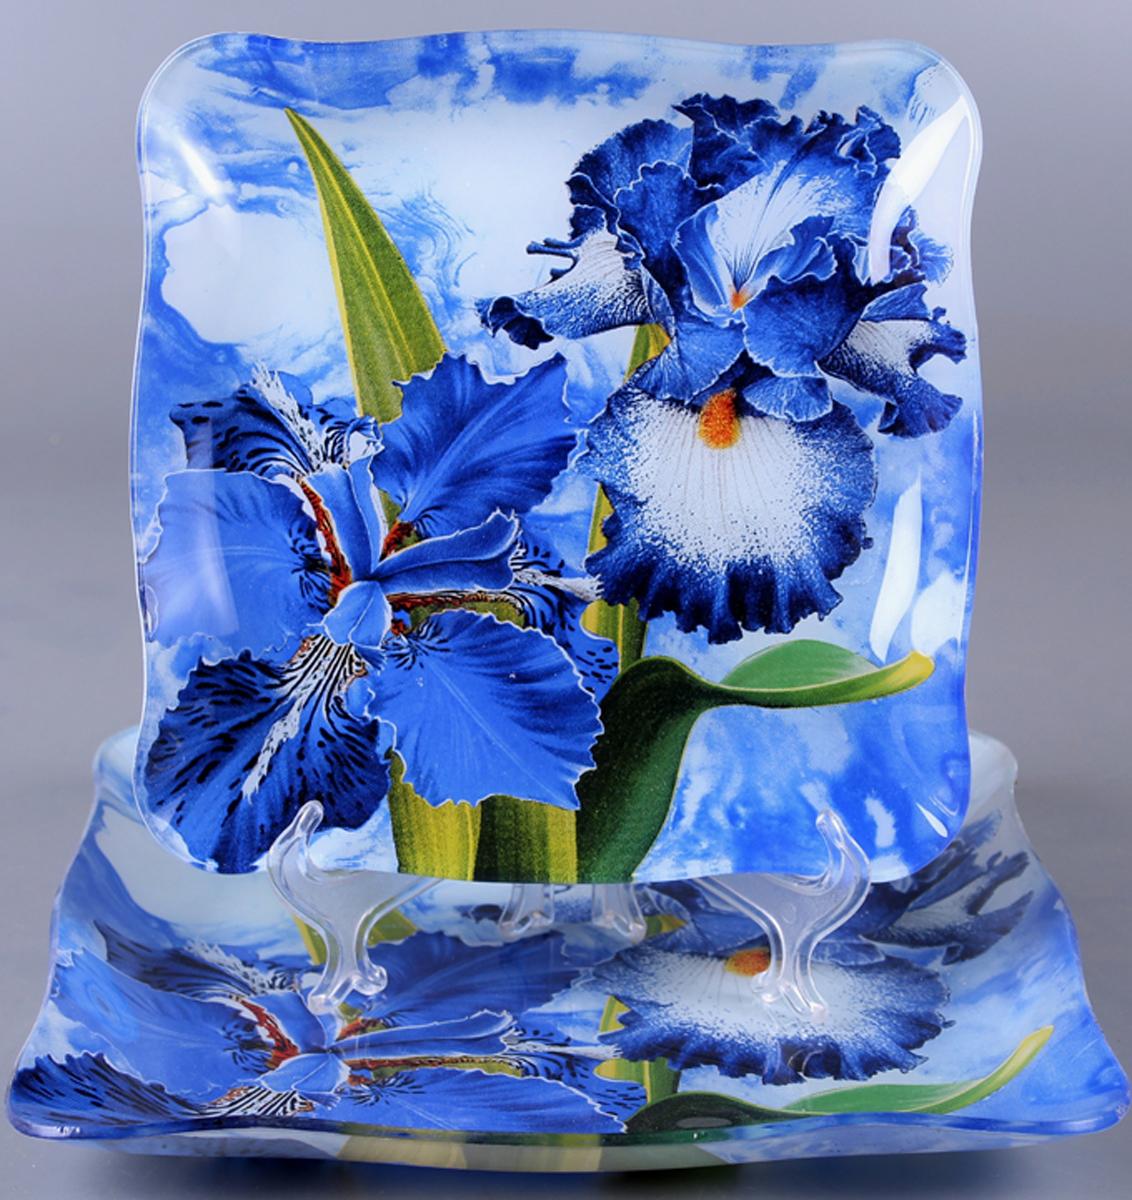 Набор блюд Olaff Цветы, 2 предметаZY-MD-TEME-854Набор Olaff Цветы состоит из двух квадратных блюд разных размеров. Блюда, изготовленные из высококачественного стекла, оформлены рельефным краем и красочным изображением ирисов.Такие блюда сочетают в себе изысканный дизайн с максимальной функциональностью. Оригинальность оформления придется по вкусу тем, кто предпочитает утонченность и изящность. Набор блюд Olaff Цветы украсит сервировку вашего стола и подчеркнет прекрасный вкус хозяйки, а также станет отличным подарком.Размер блюда (по верхнему краю): 21 х 21 см; 26 х 26 см.